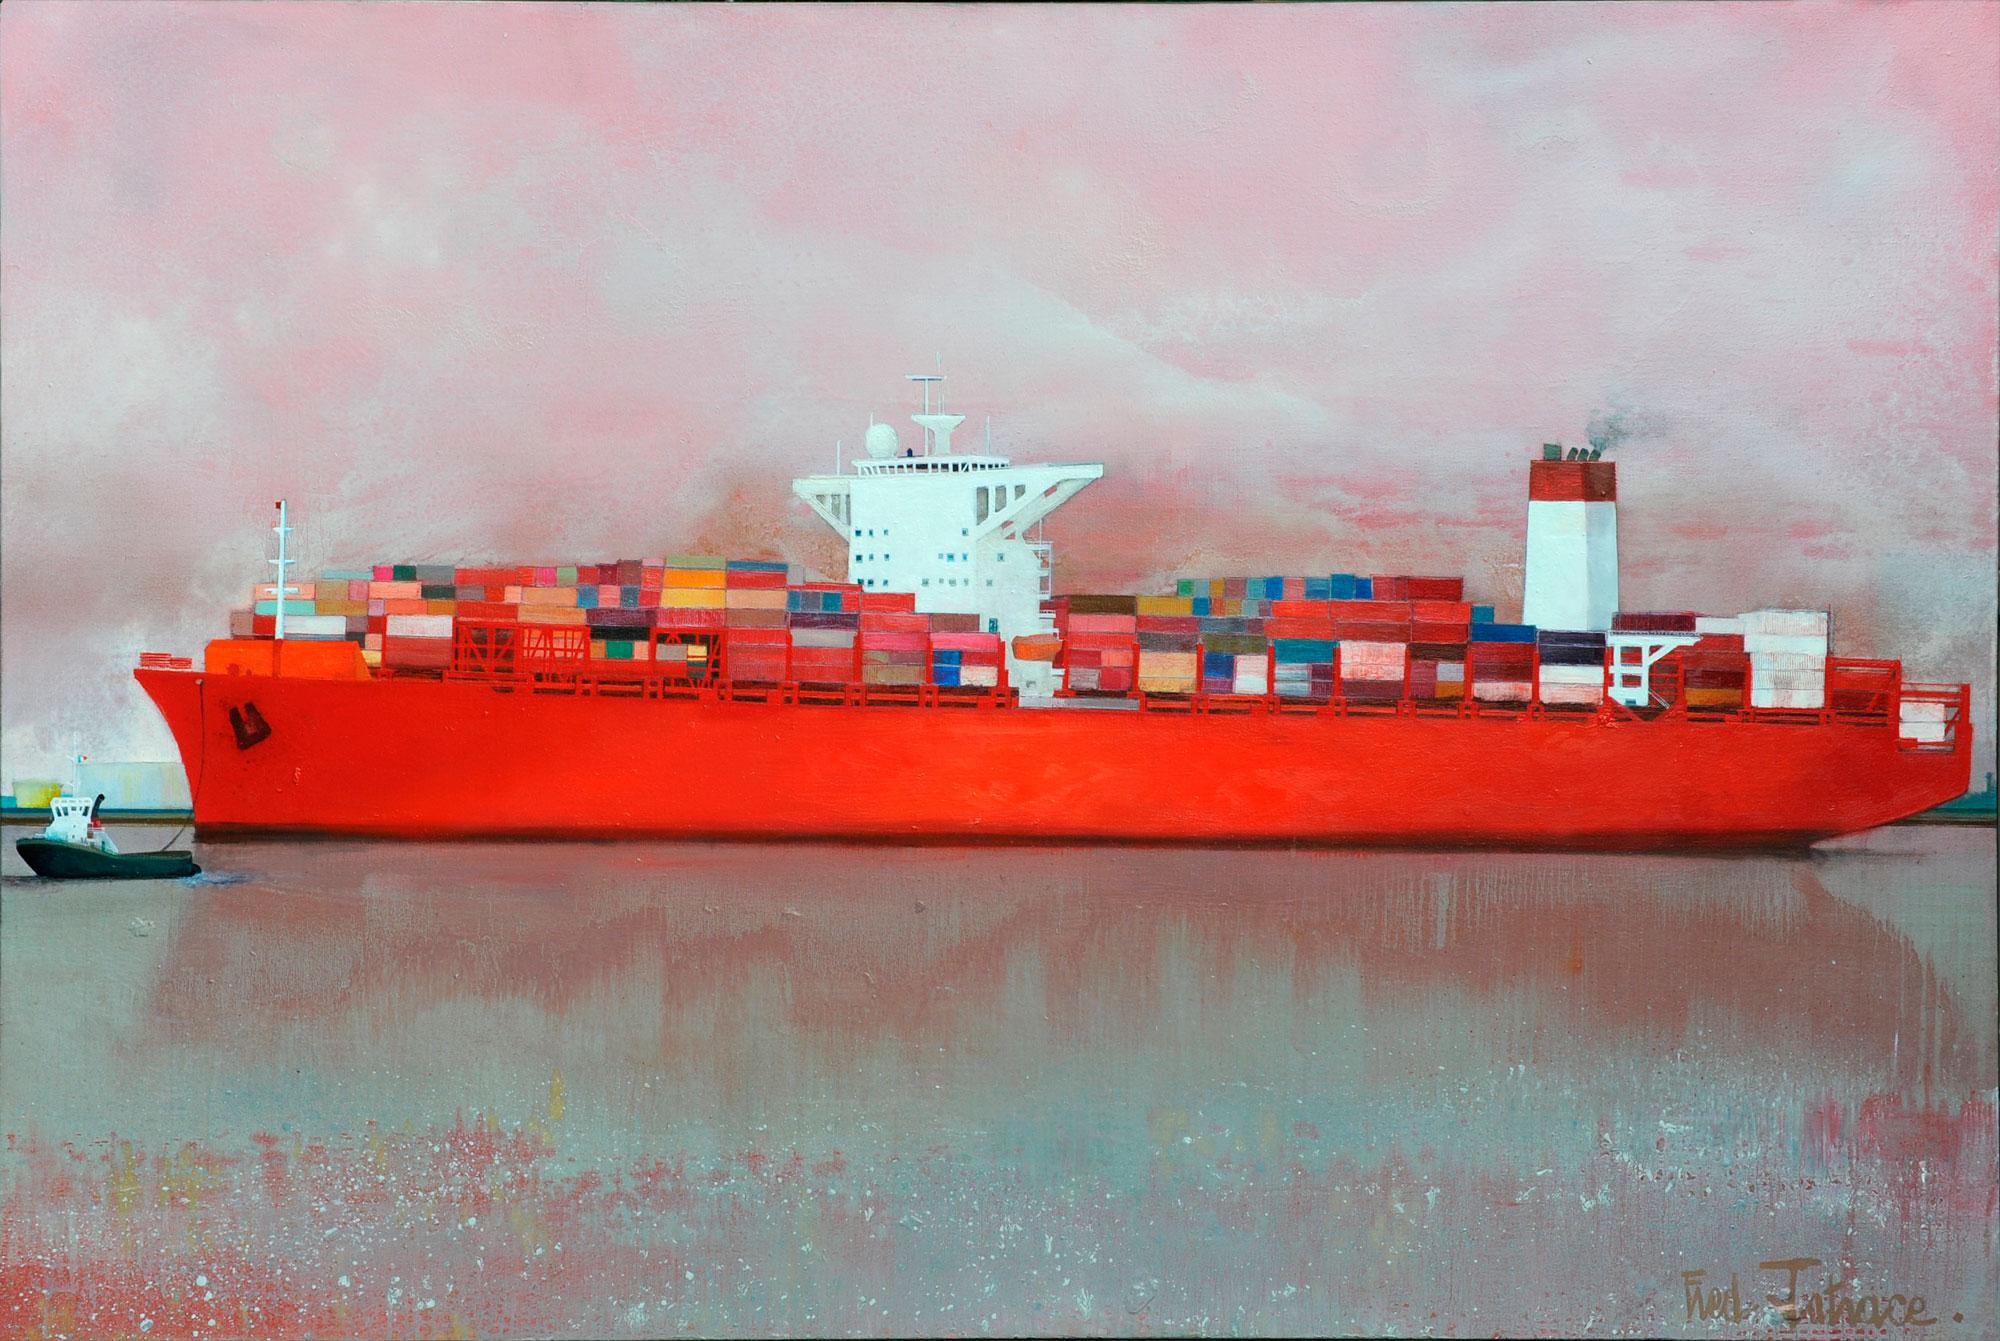 « Porte containers » de Frédéric Latrace - Huile sur toile de 210x140cm